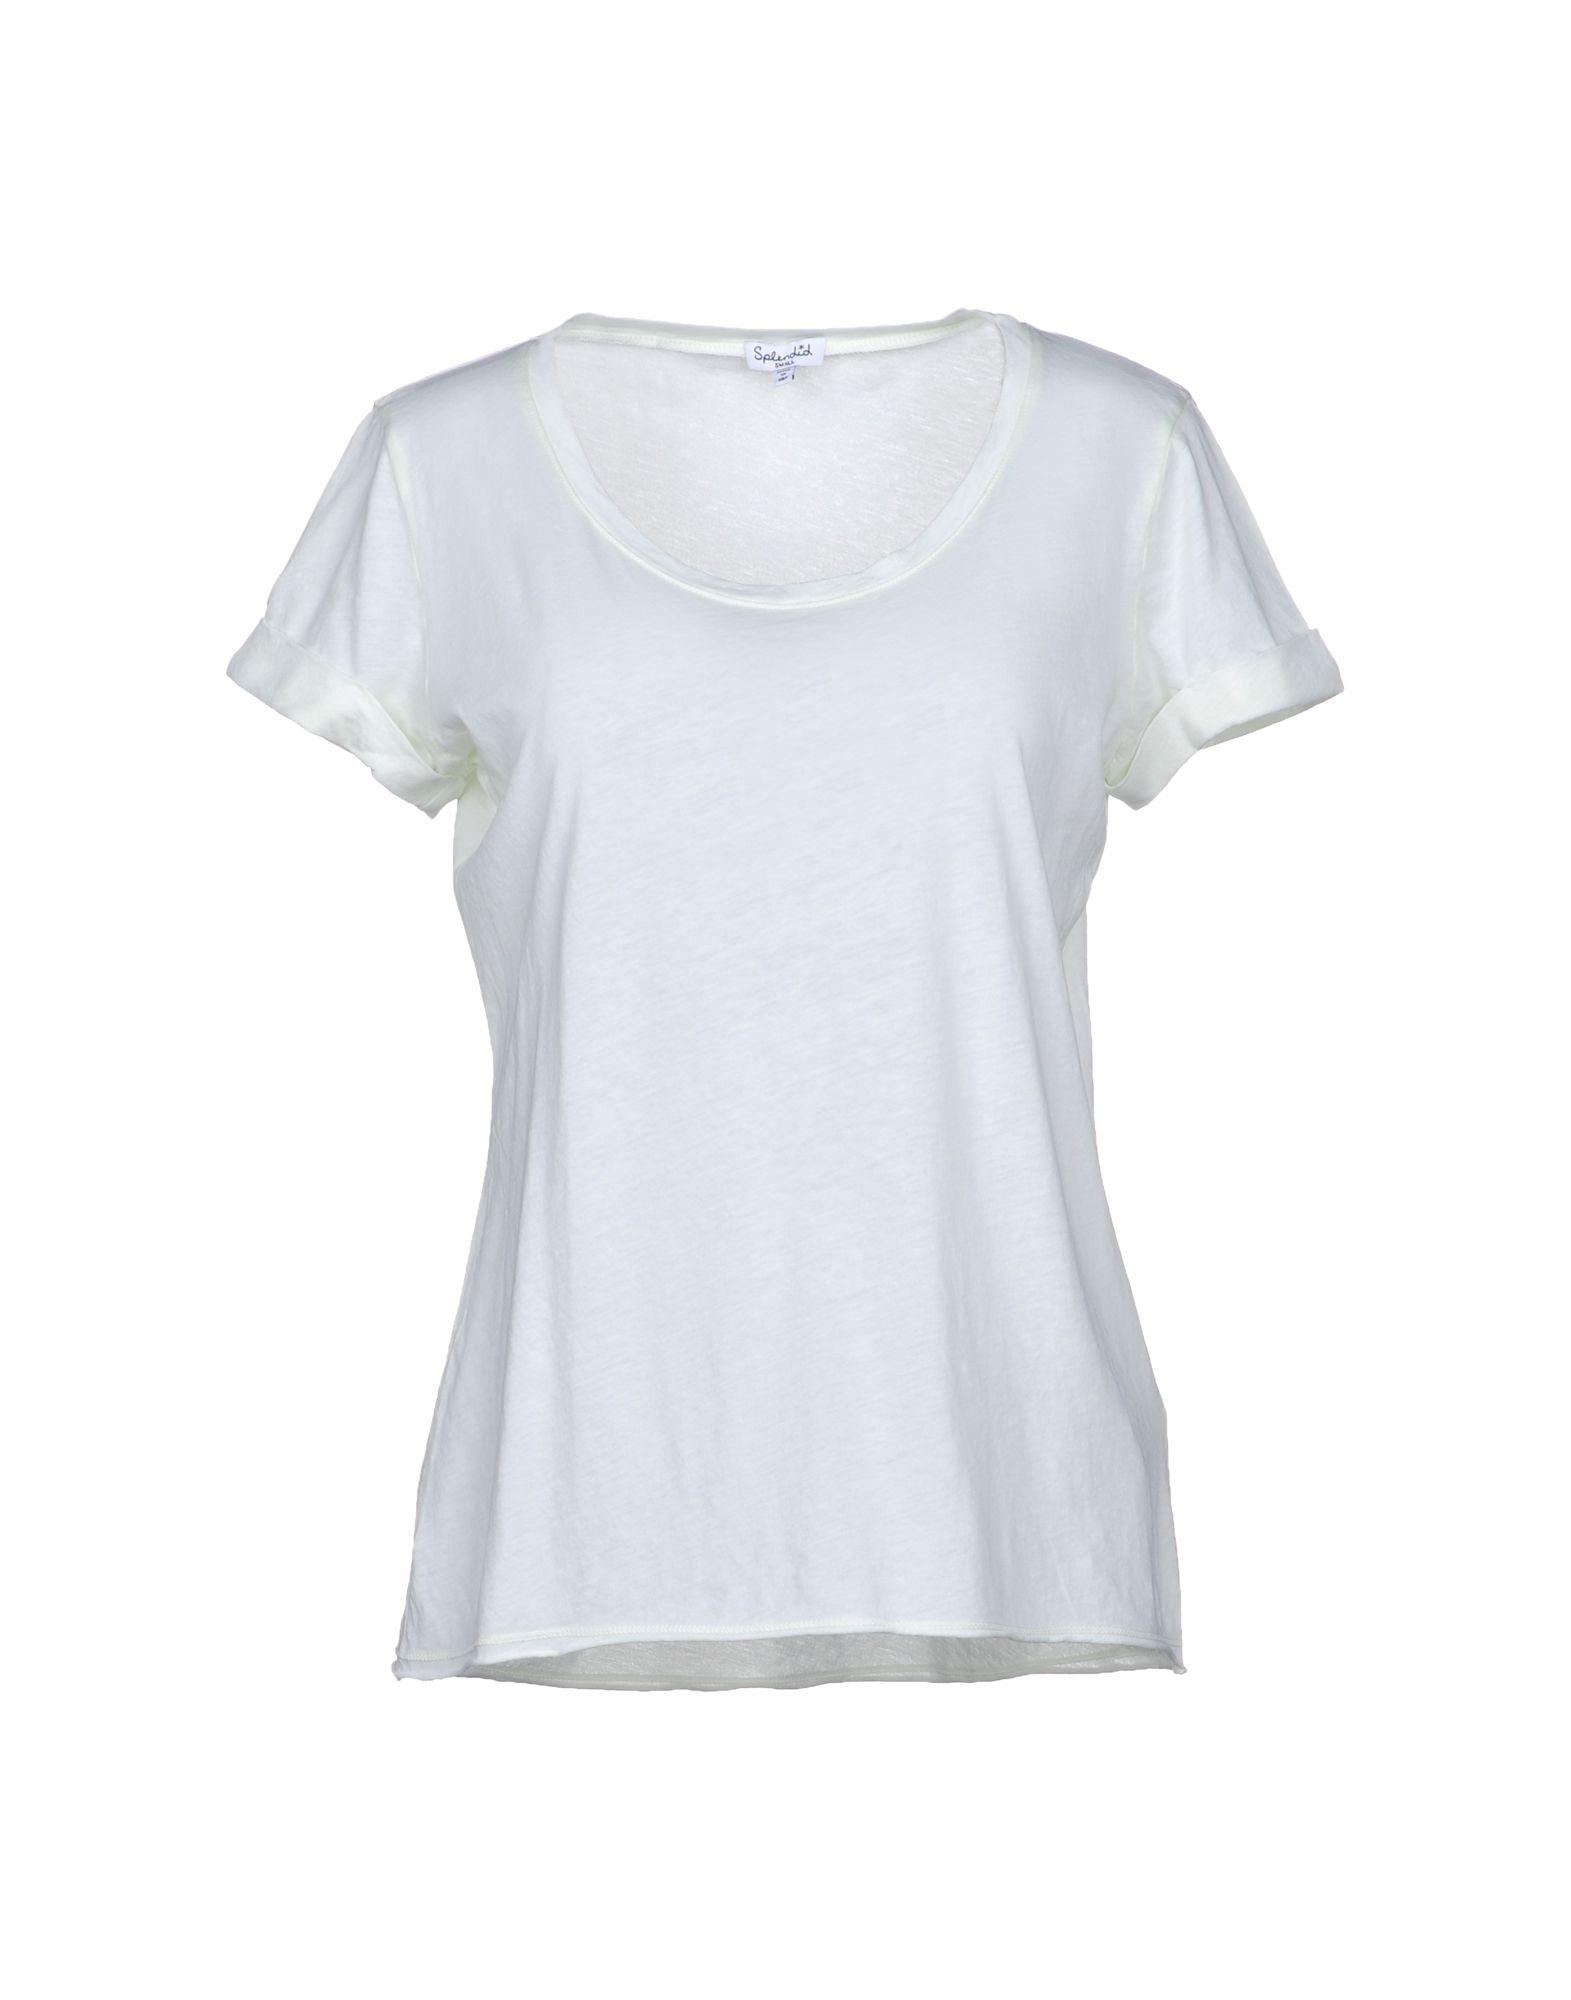 T-Shirt T-Shirt T-Shirt Splendid donna - 37990109FK a9d